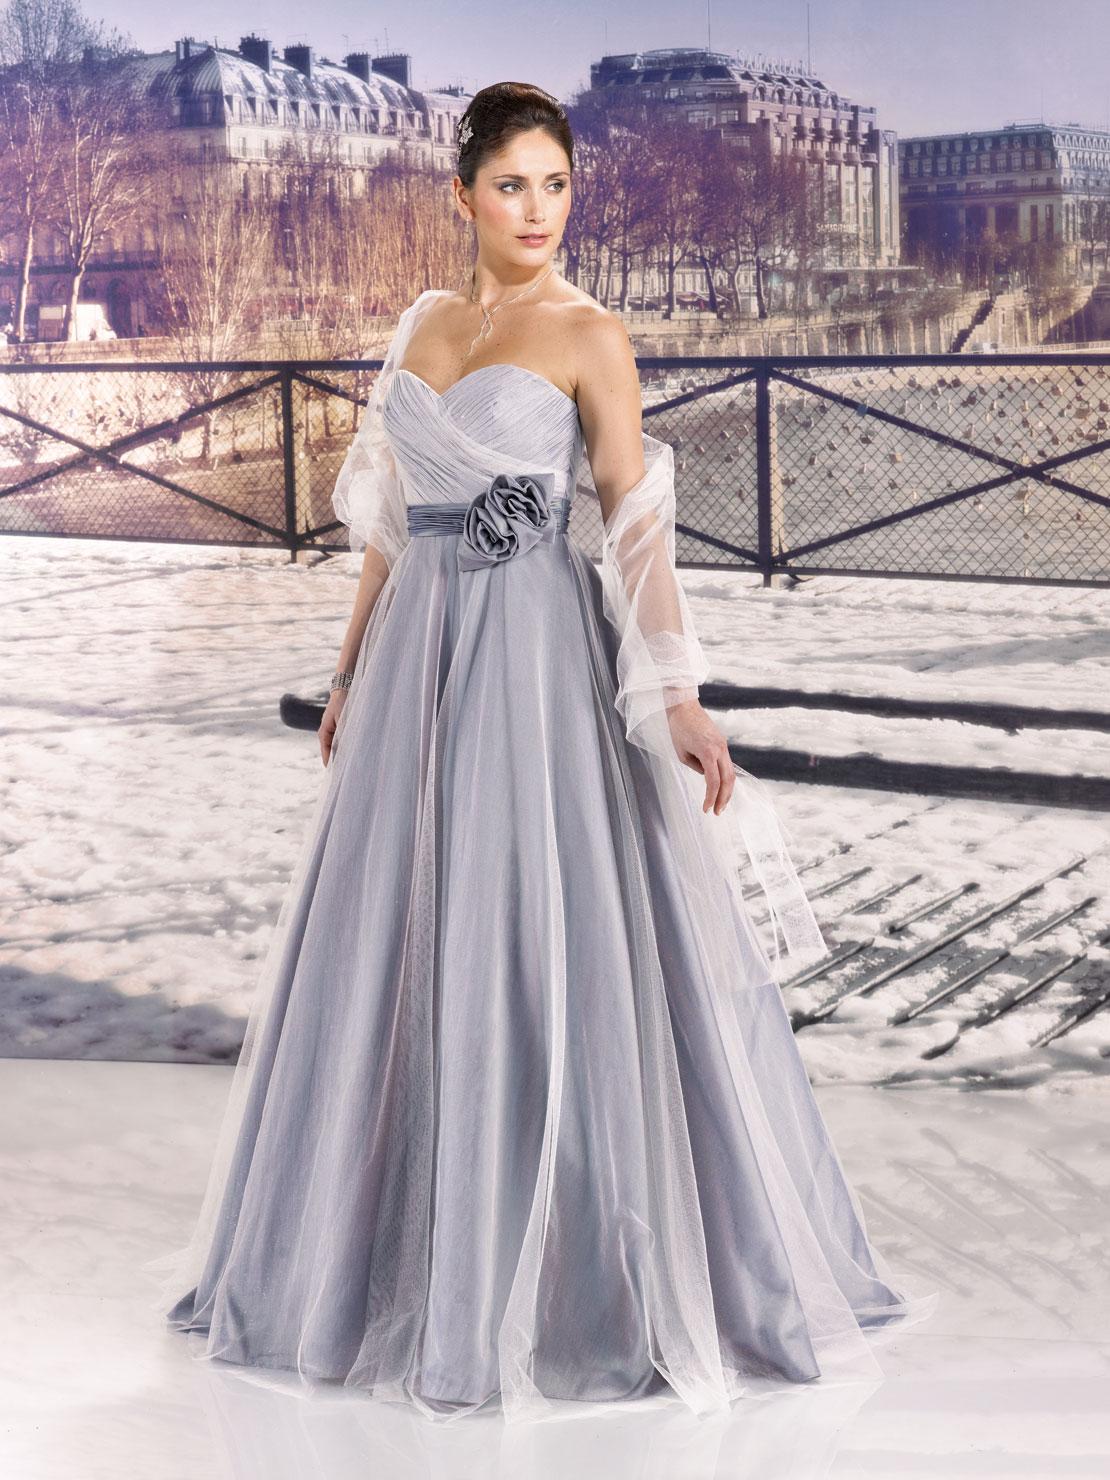 5 - Vestidos de Noiva Coloridos - Inspirações